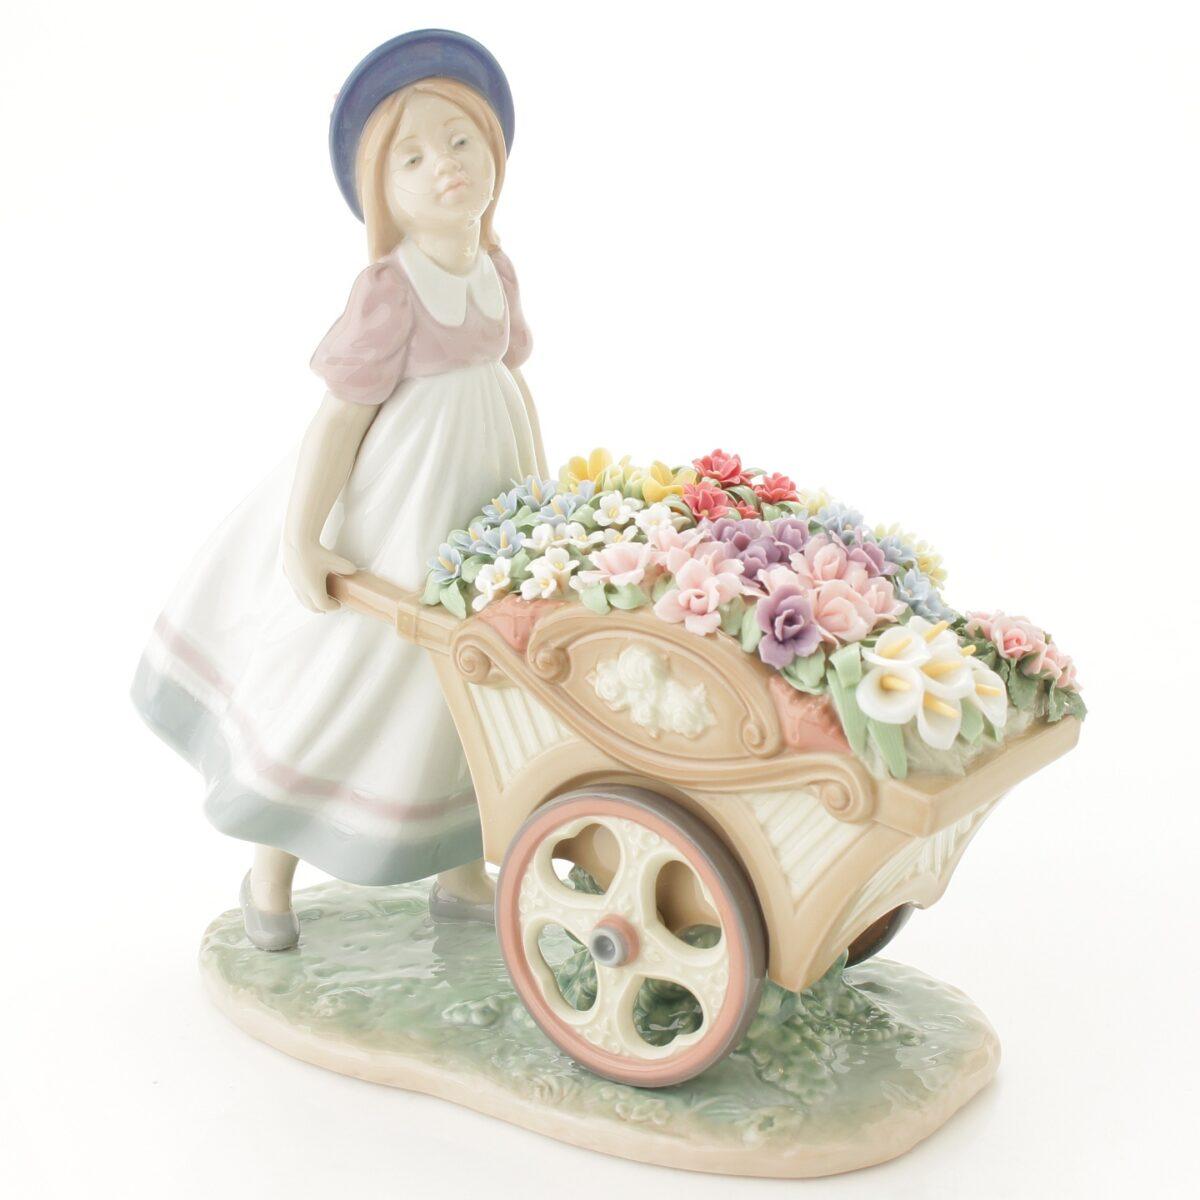 リヤドロ LLADRO 可愛いお花屋さん 陶器人形 置物 少女 女の子 6521